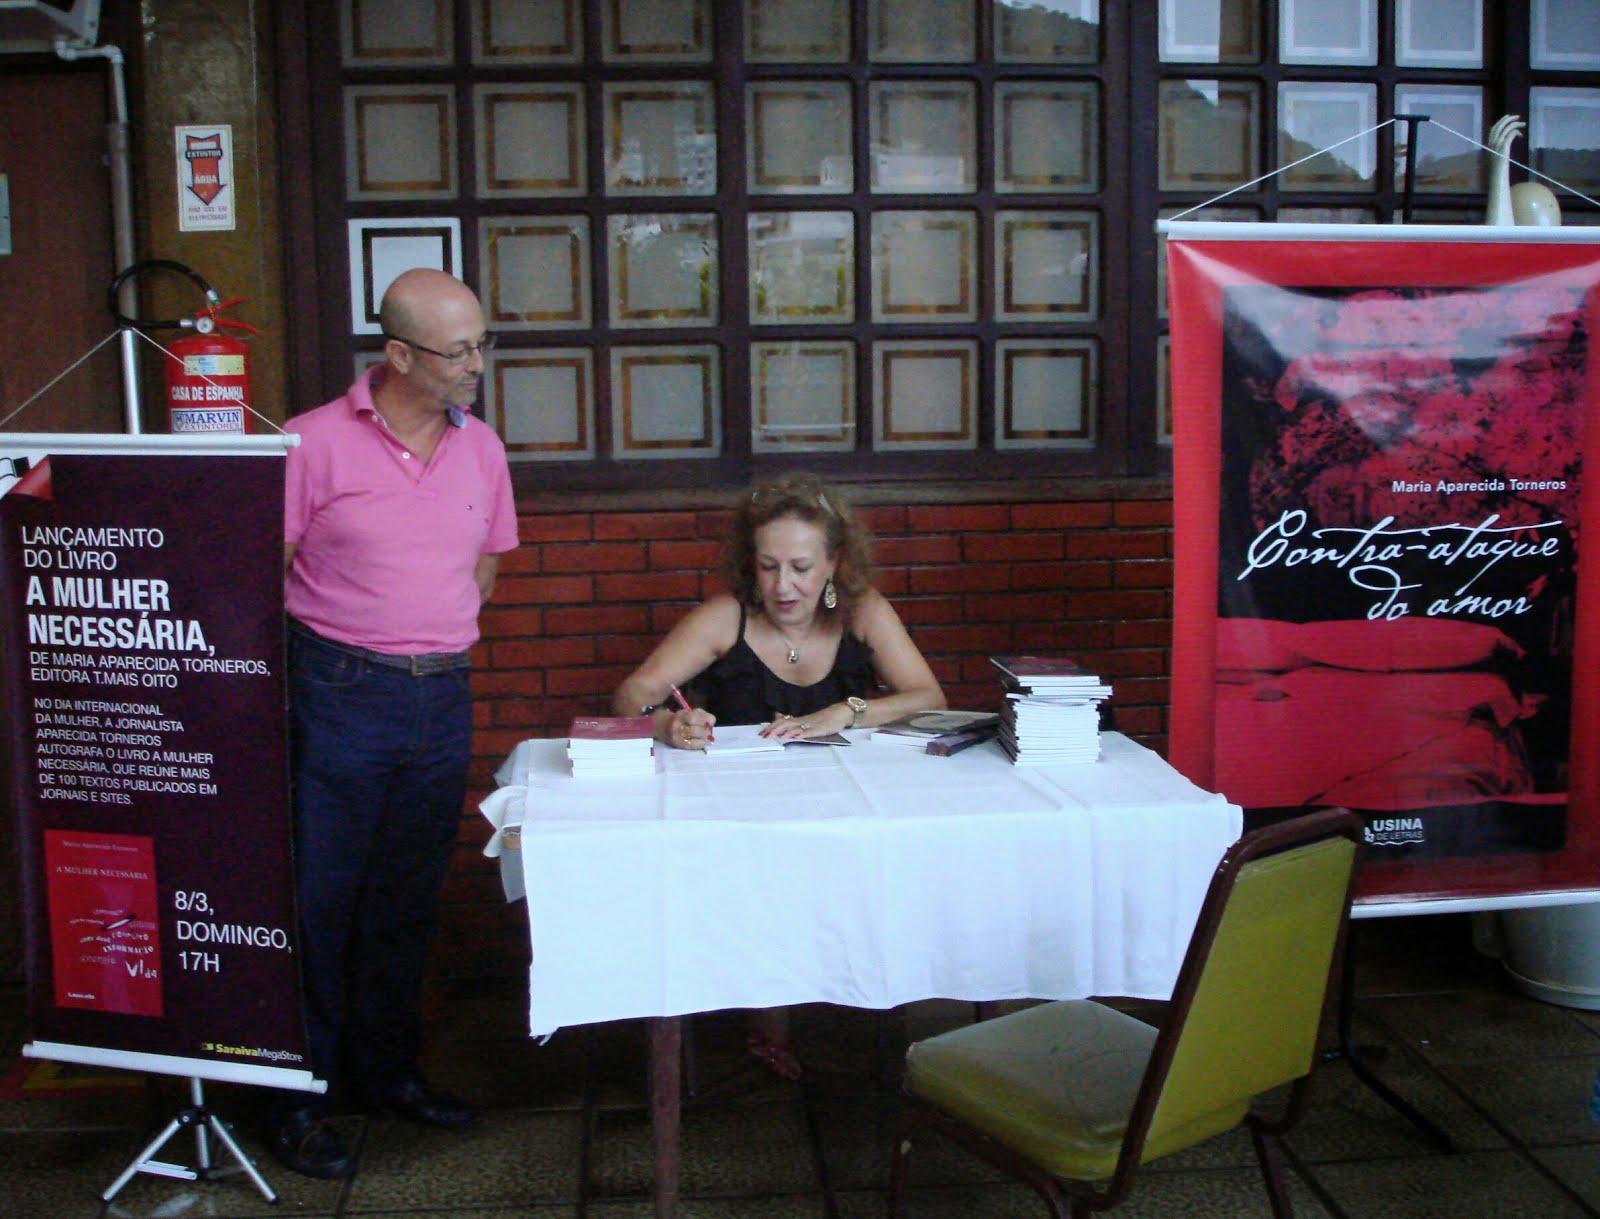 Autografando livros na Casa de España